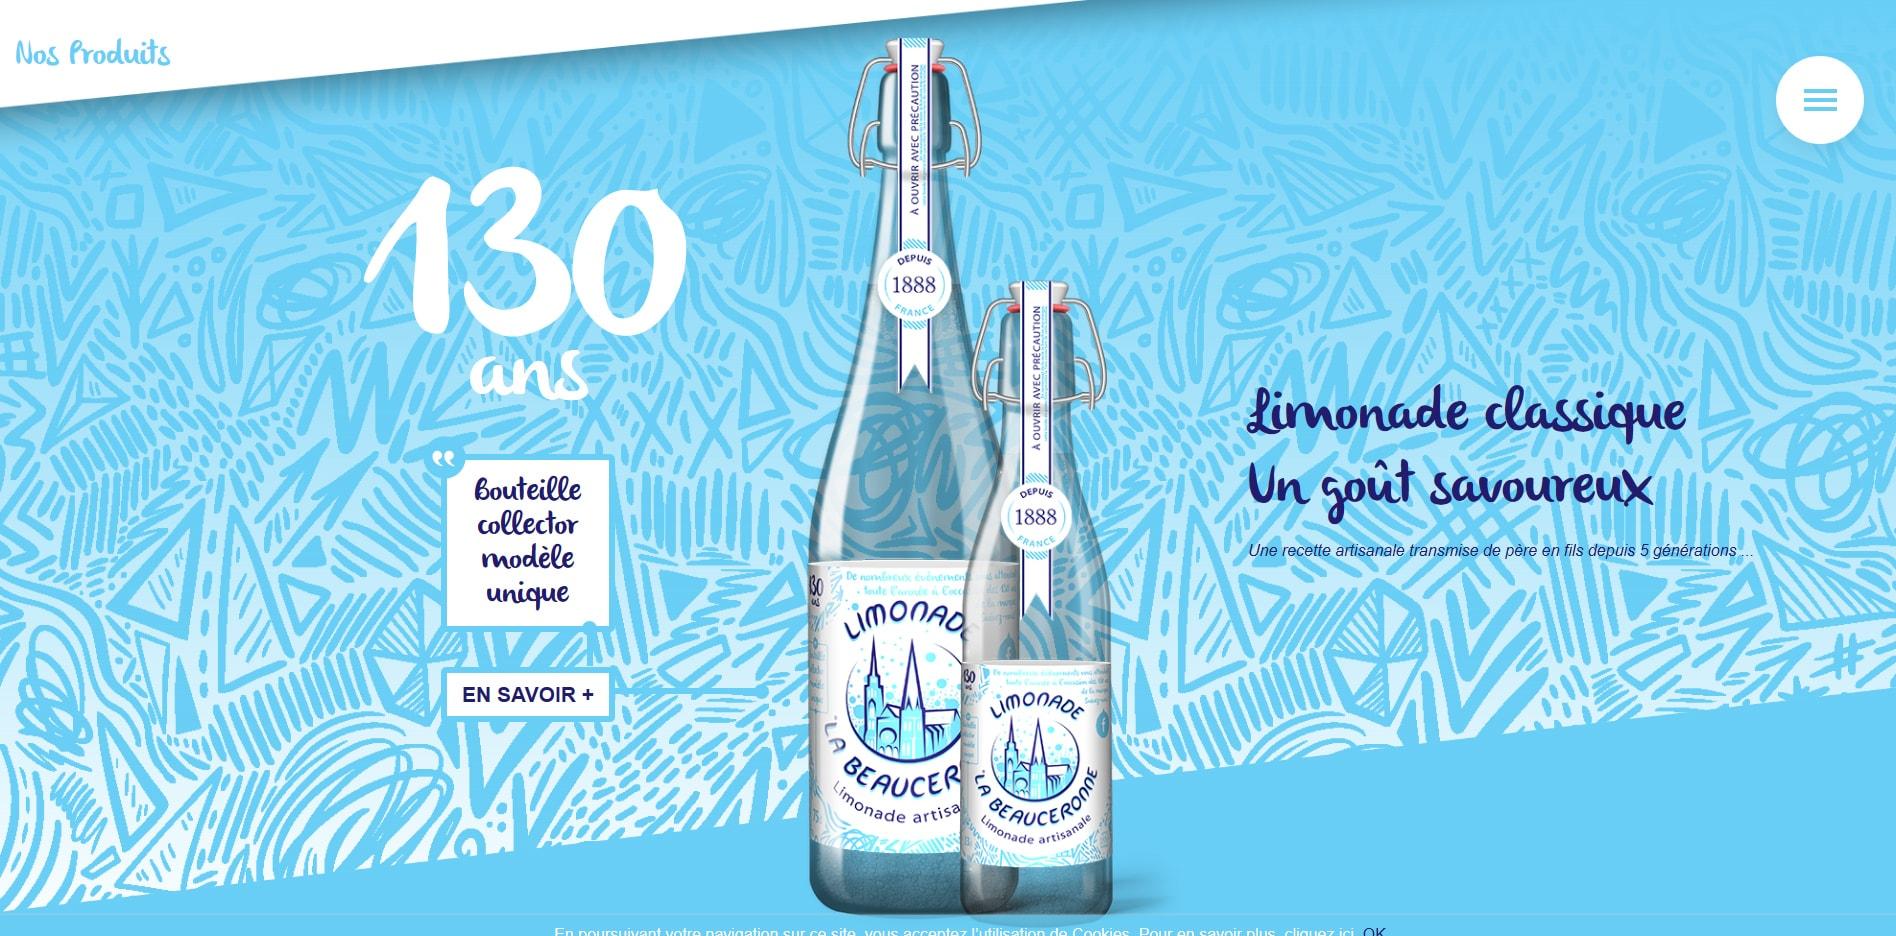 projektowanie-stron-www-limonades-la-beauceronne-1